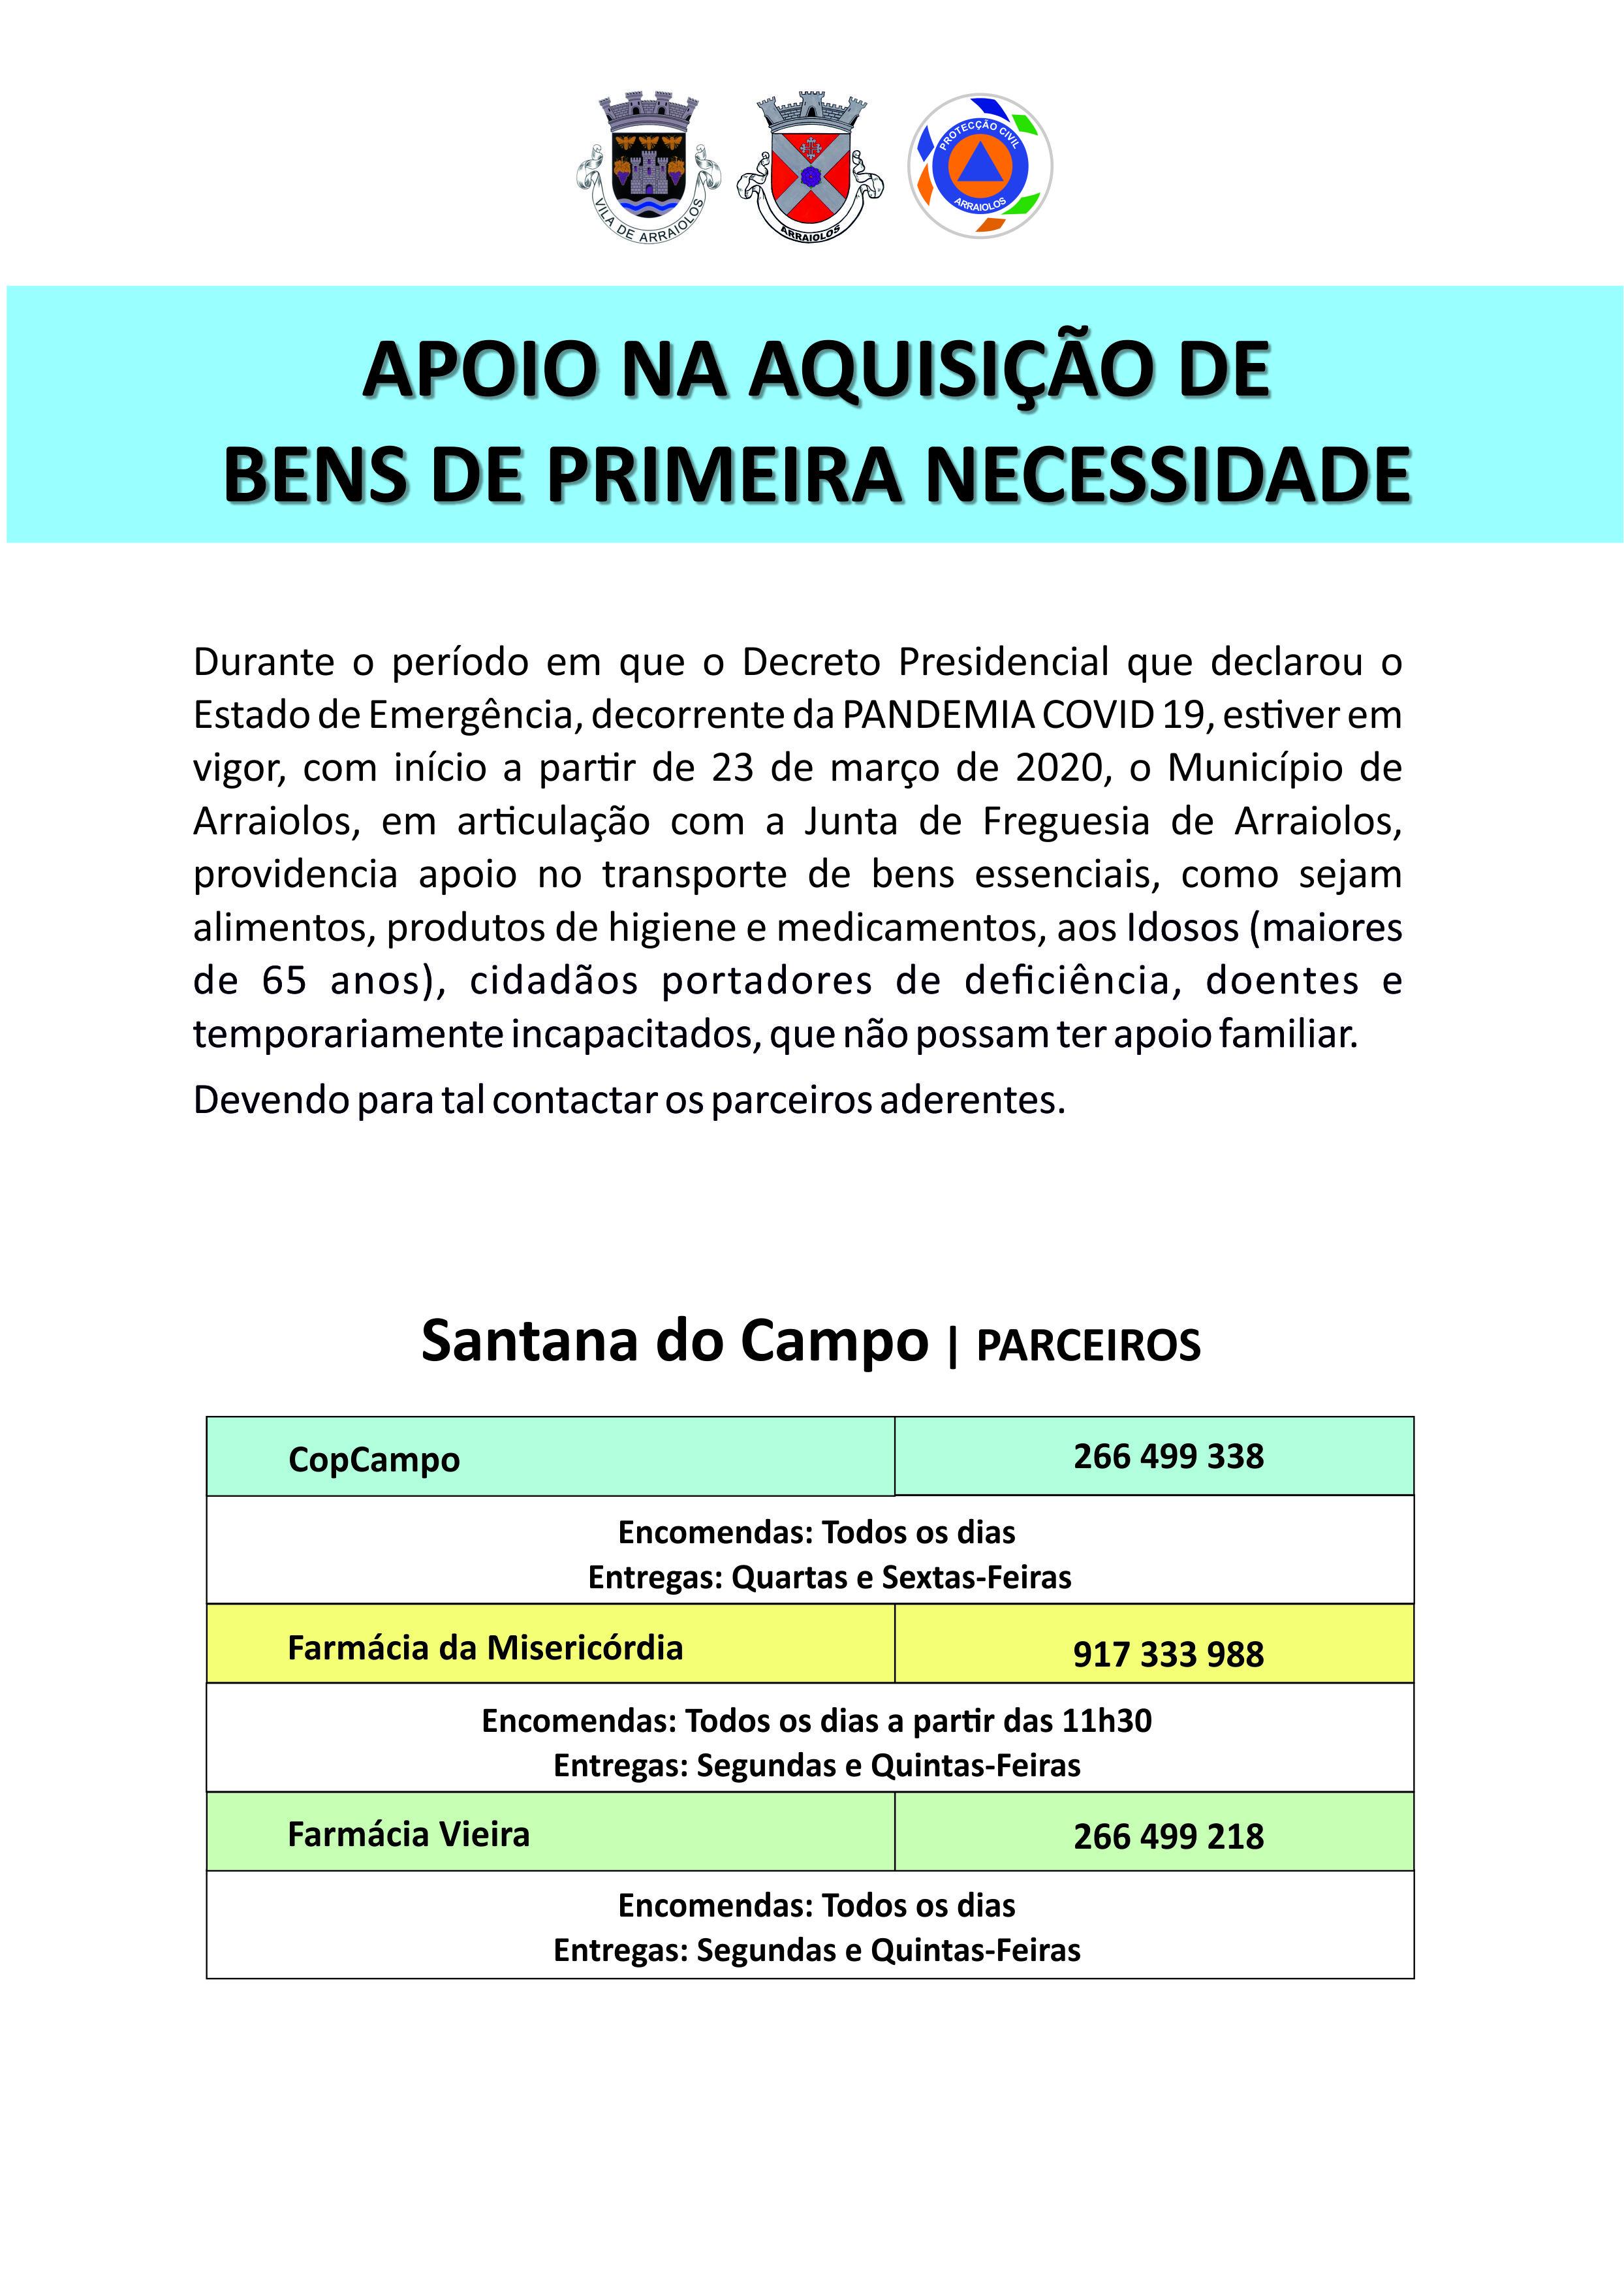 Santana do Campo Aquisição de bens(1).jpg